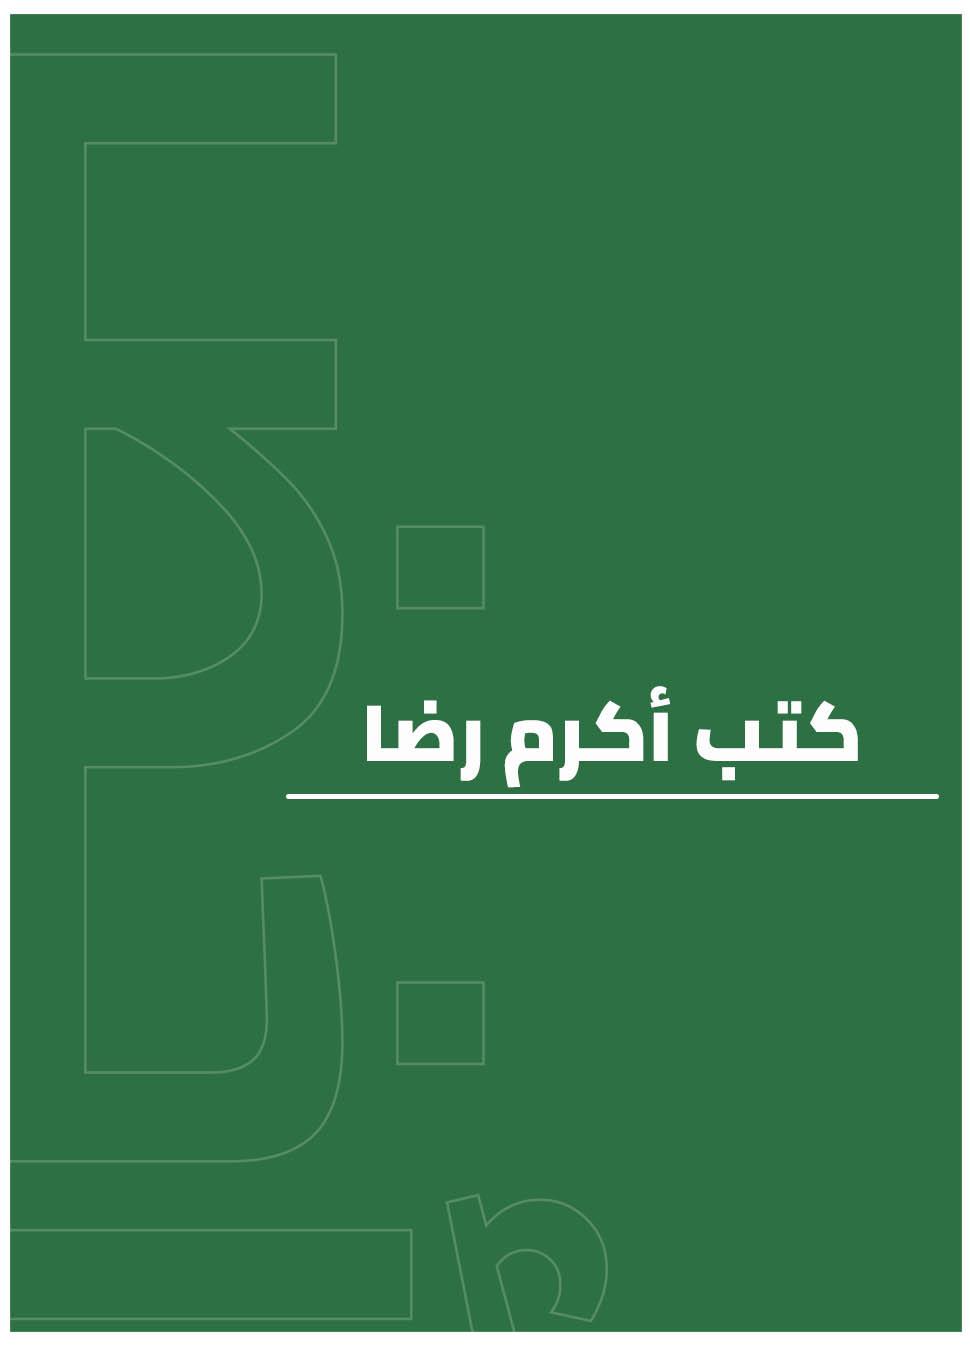 كتب أكرم رضا